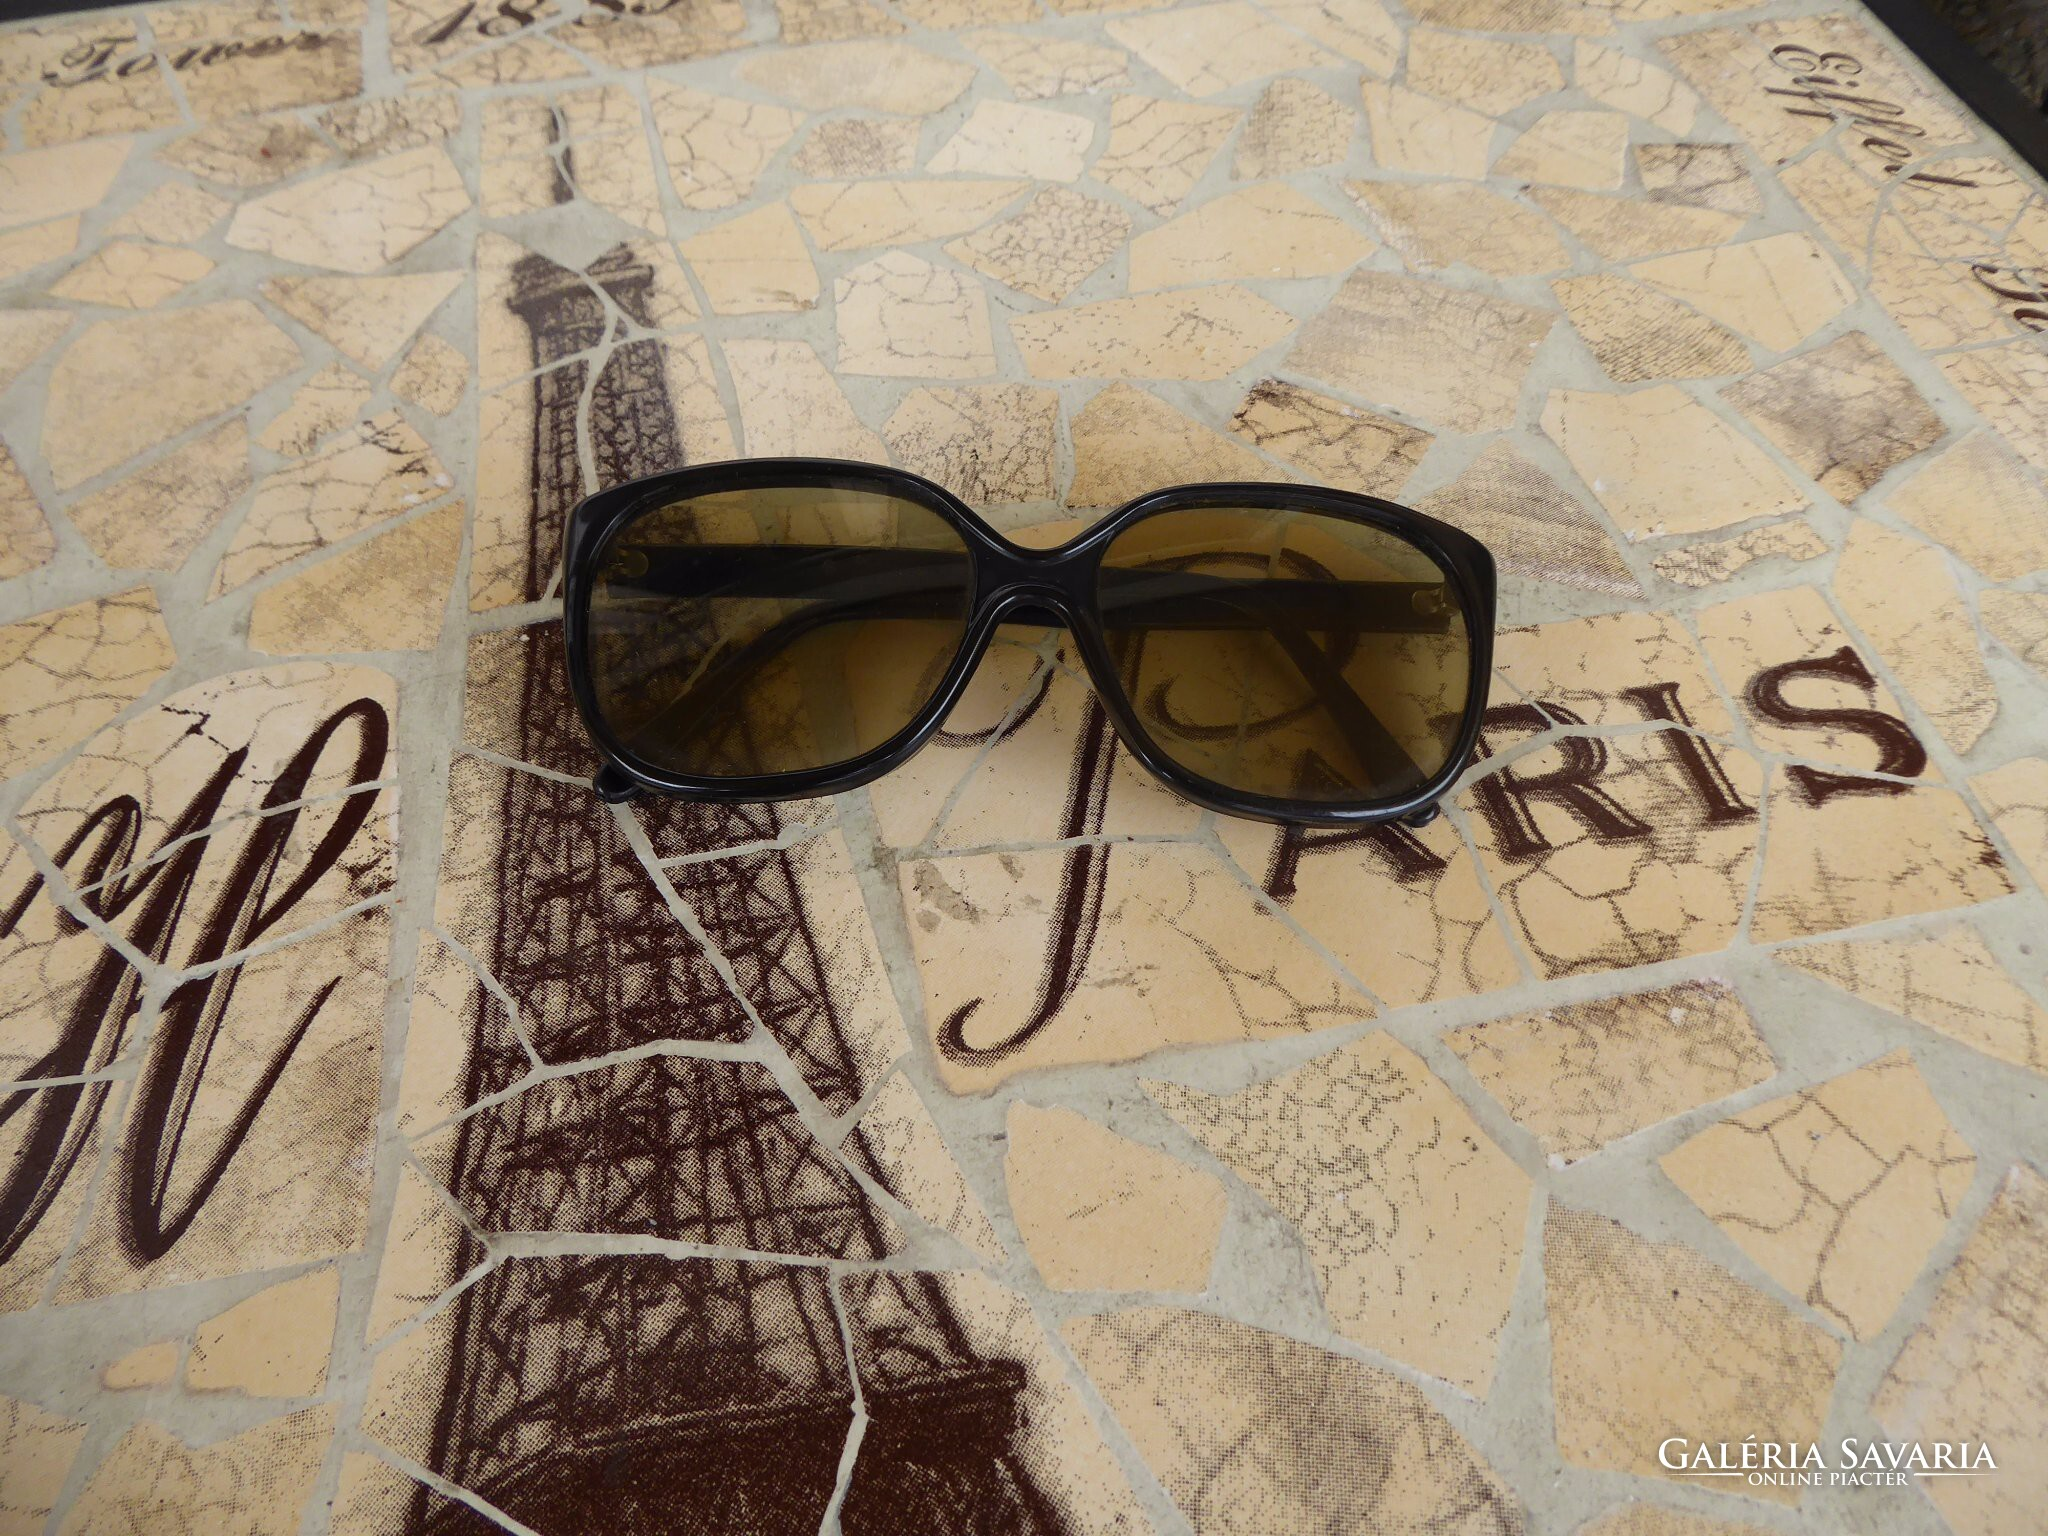 Régi Retro napszemüveg 80-s évek - Wardrobe  ed5b9634a0